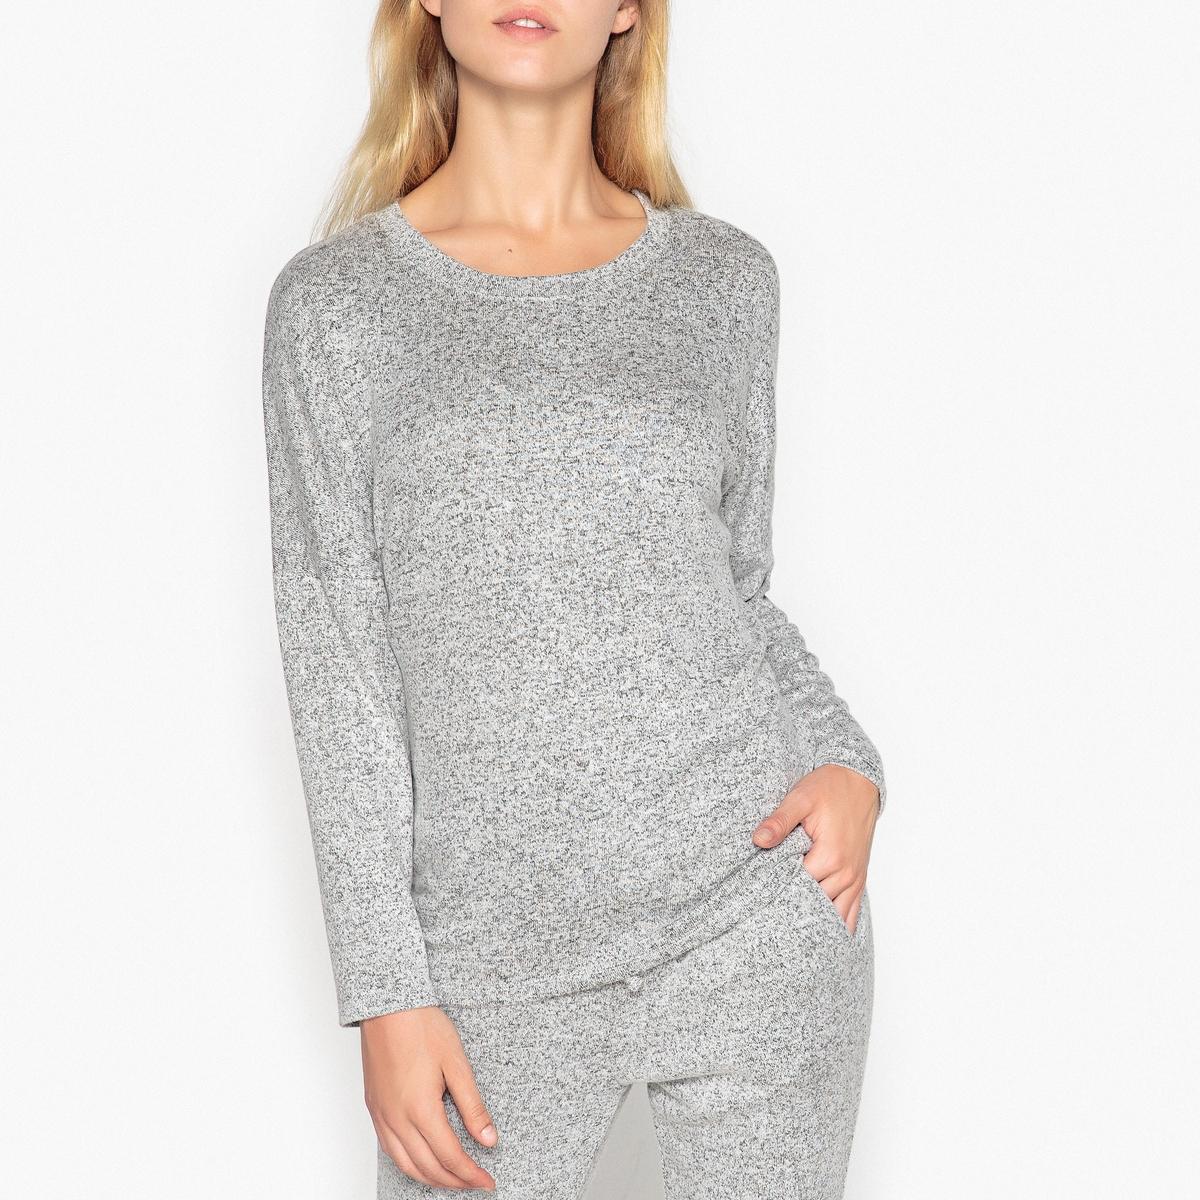 Верх от La Redoute Пижамы экстра мягкий 34/36 (FR) - 40/42 (RUS) серый